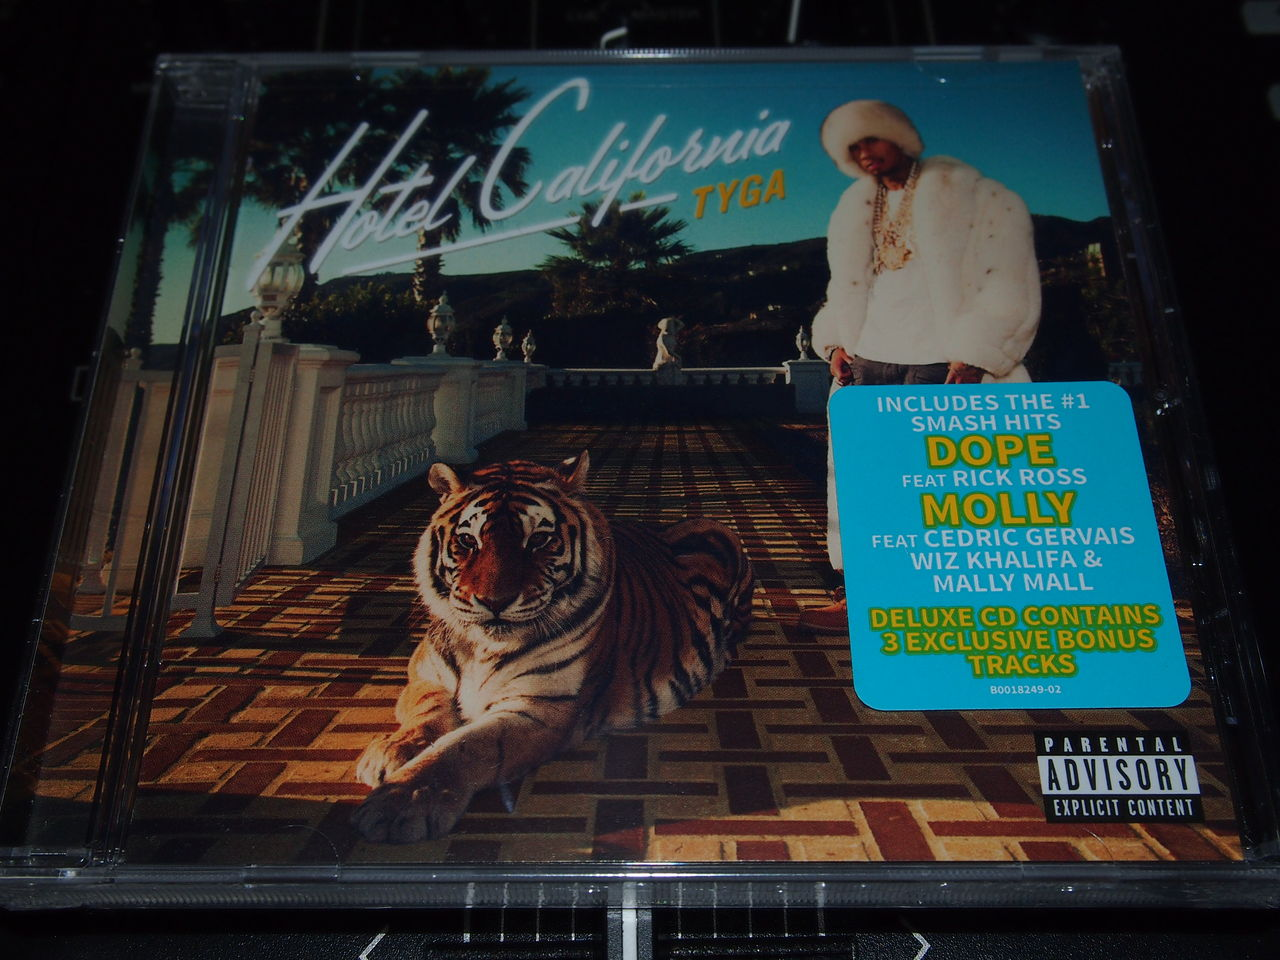 ... - California Tyga Artwork Hotel California Tyga Album Release Date